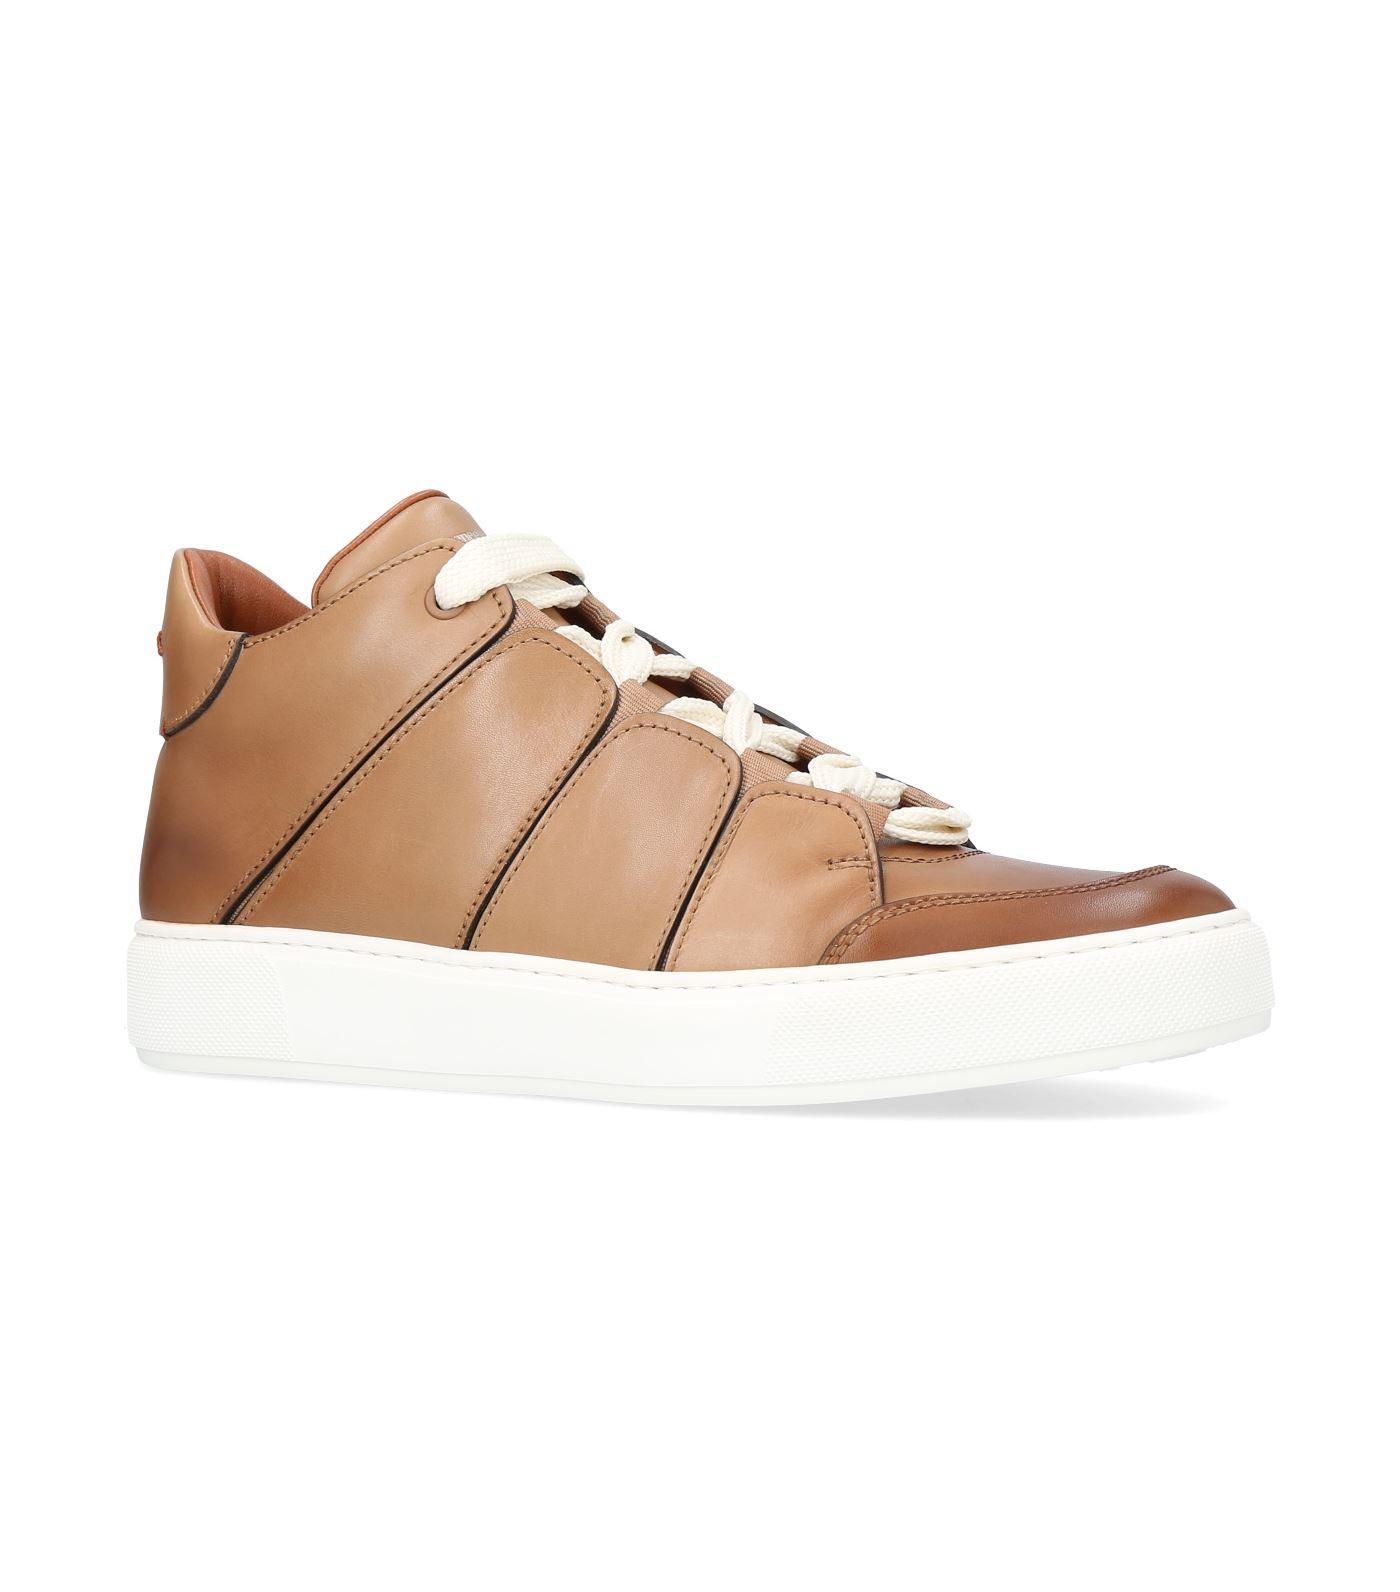 Ermenegildo Zegna Tiziano Mid-top Sneakers In Beige